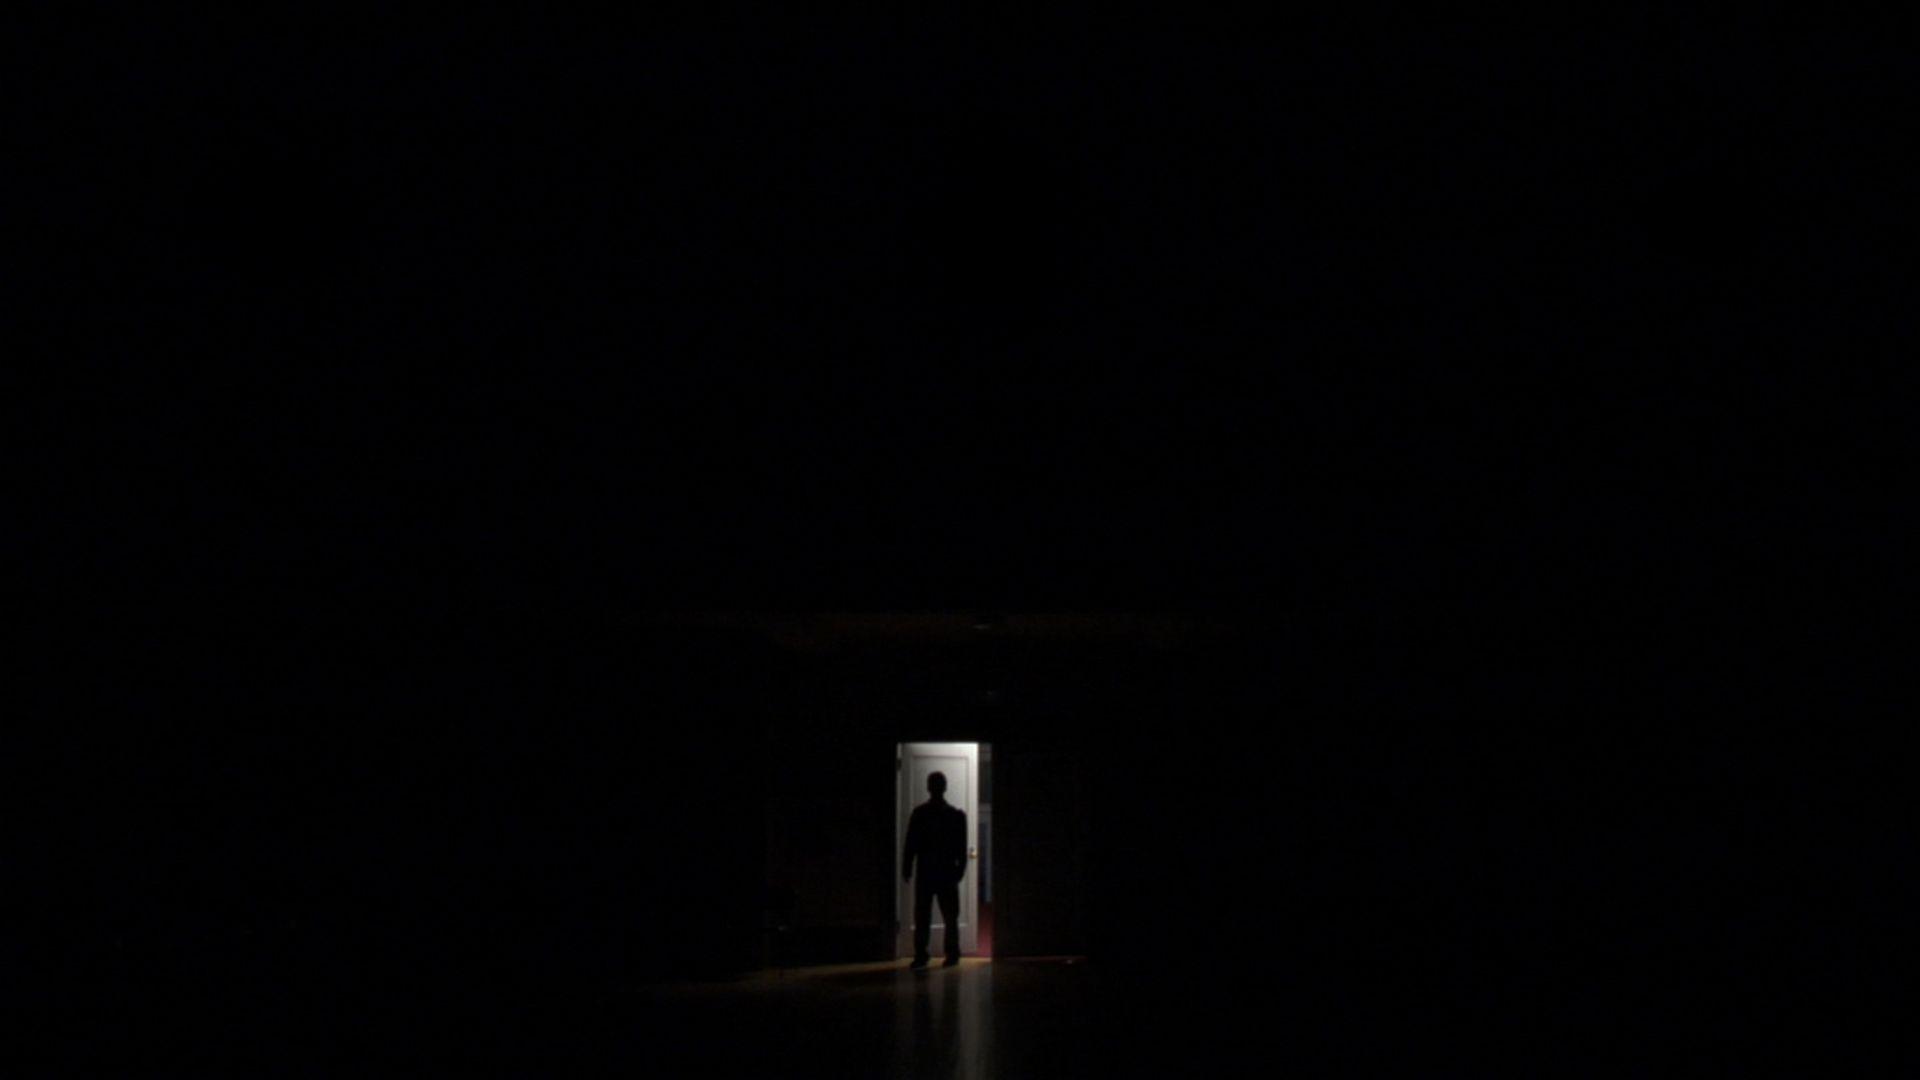 Dark Nov 2017